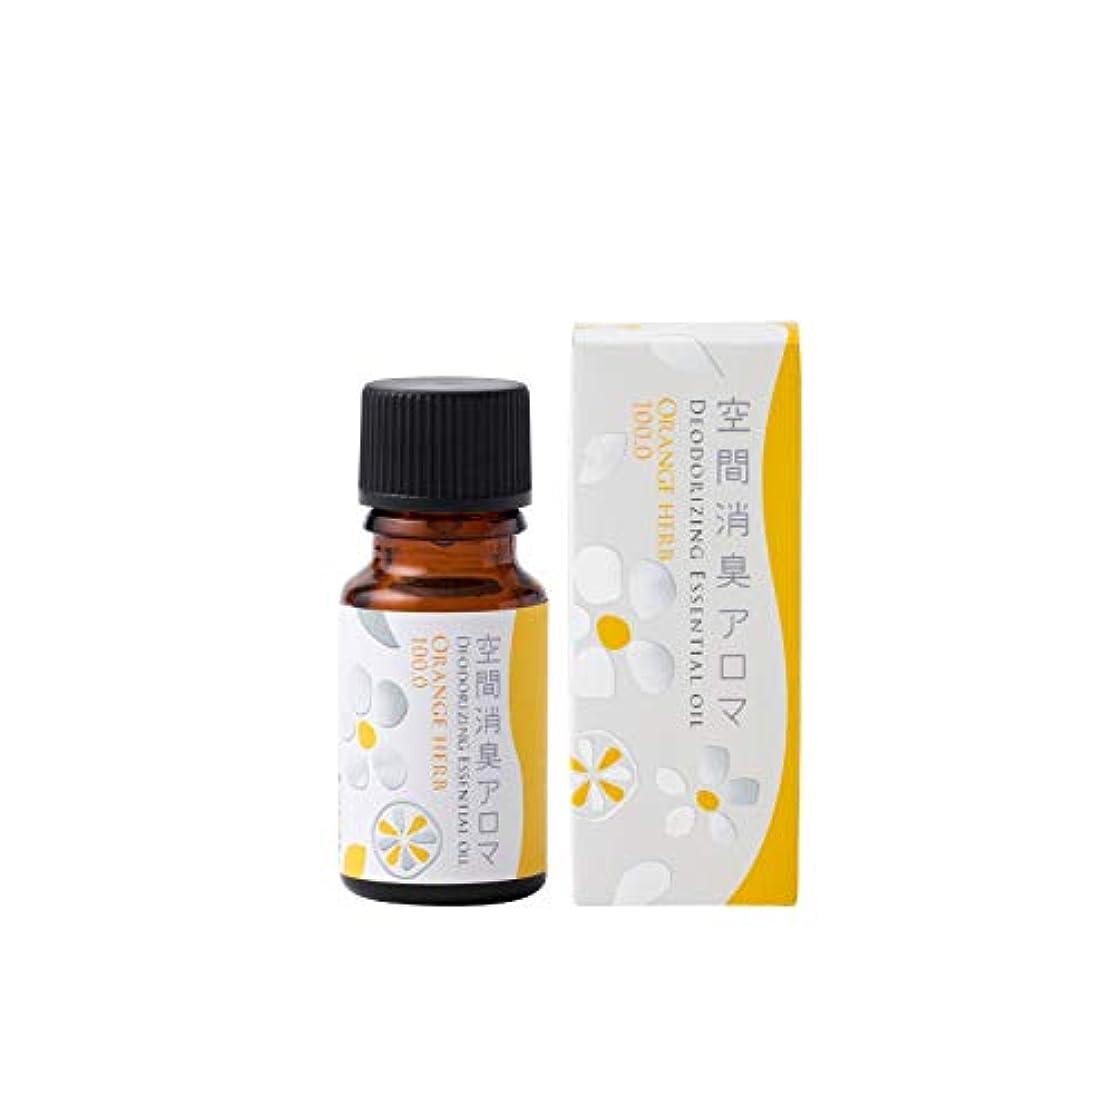 太鼓腹複合薬用生活の木 ブレンド エッセンシャルオイル 空間消臭アロマ オレンジハーブ 100.0 10ml エッセンシャルオイル 精油